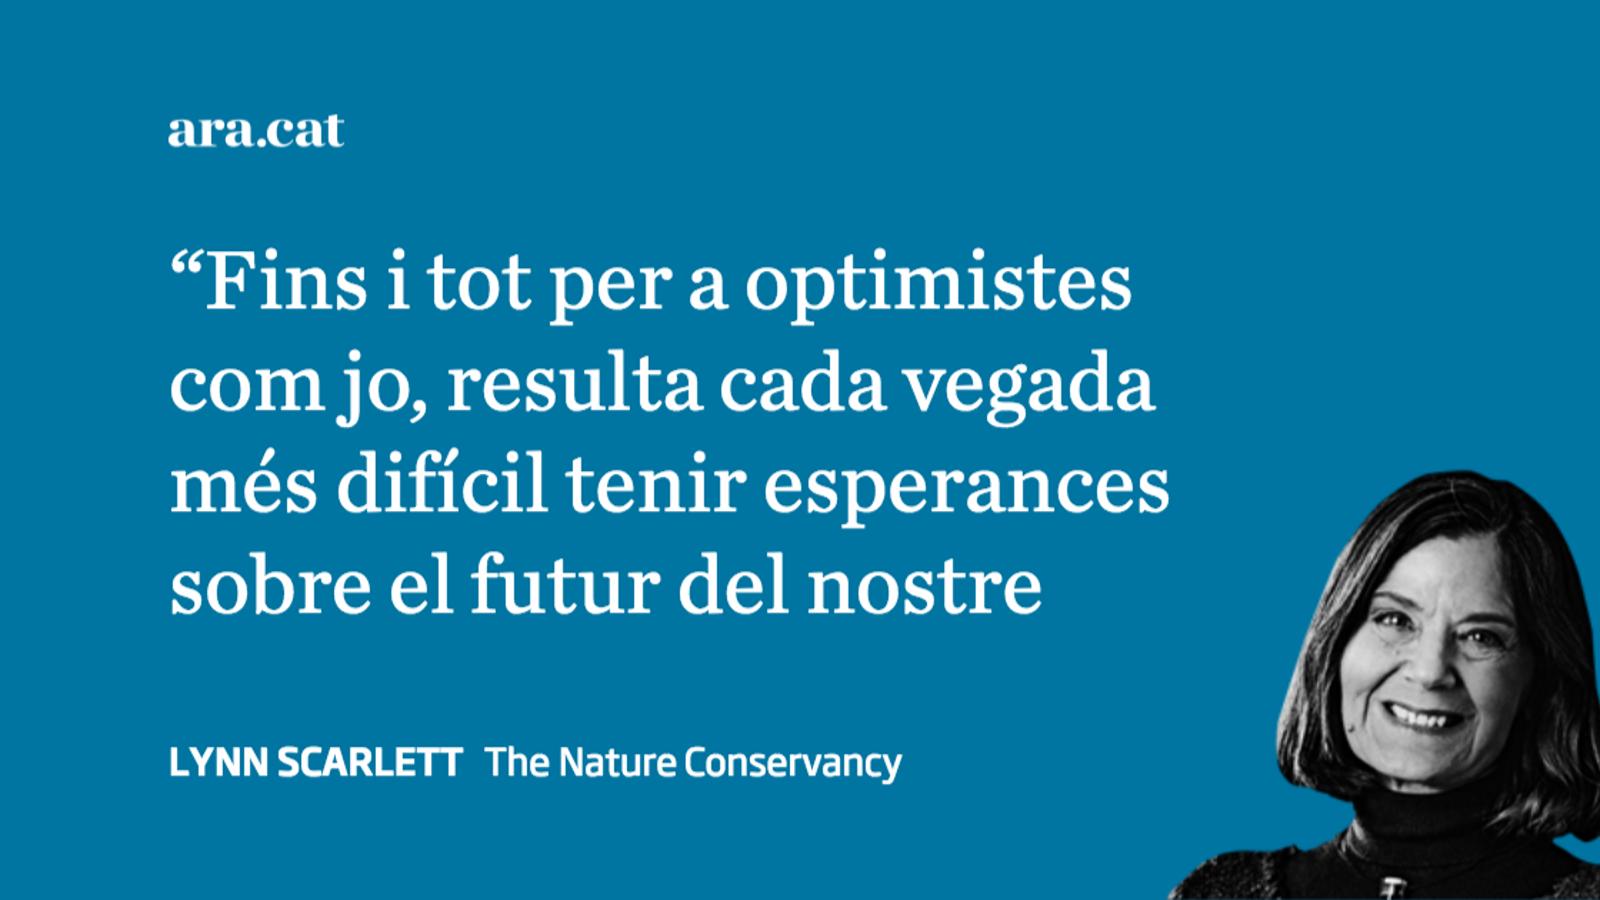 L'optimisme climàtic, cada cop més lluny